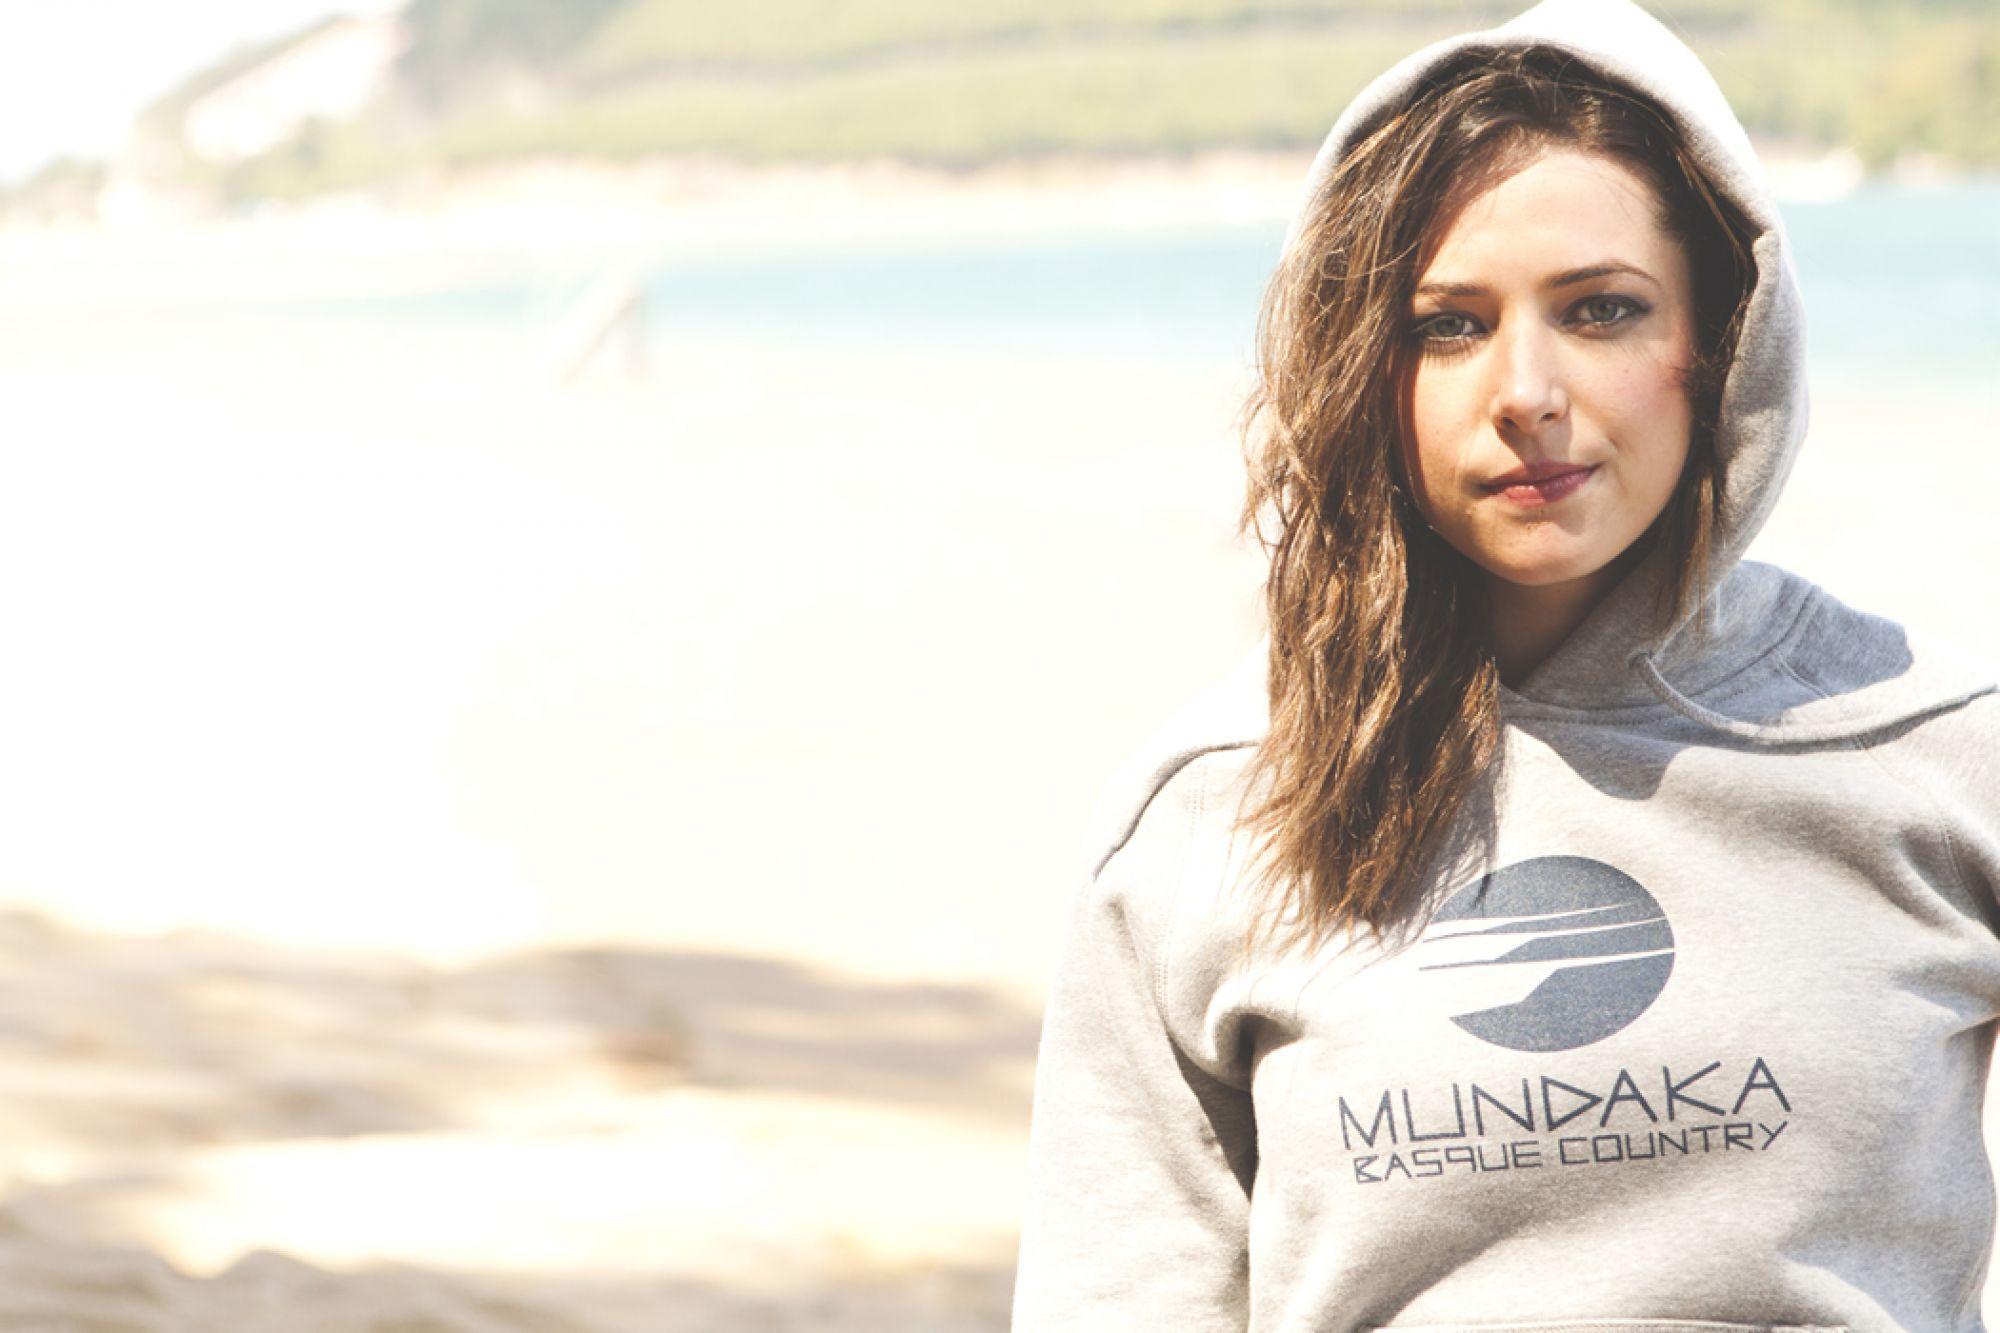 Fotos de Moda | Marcas de ropa Mundaka